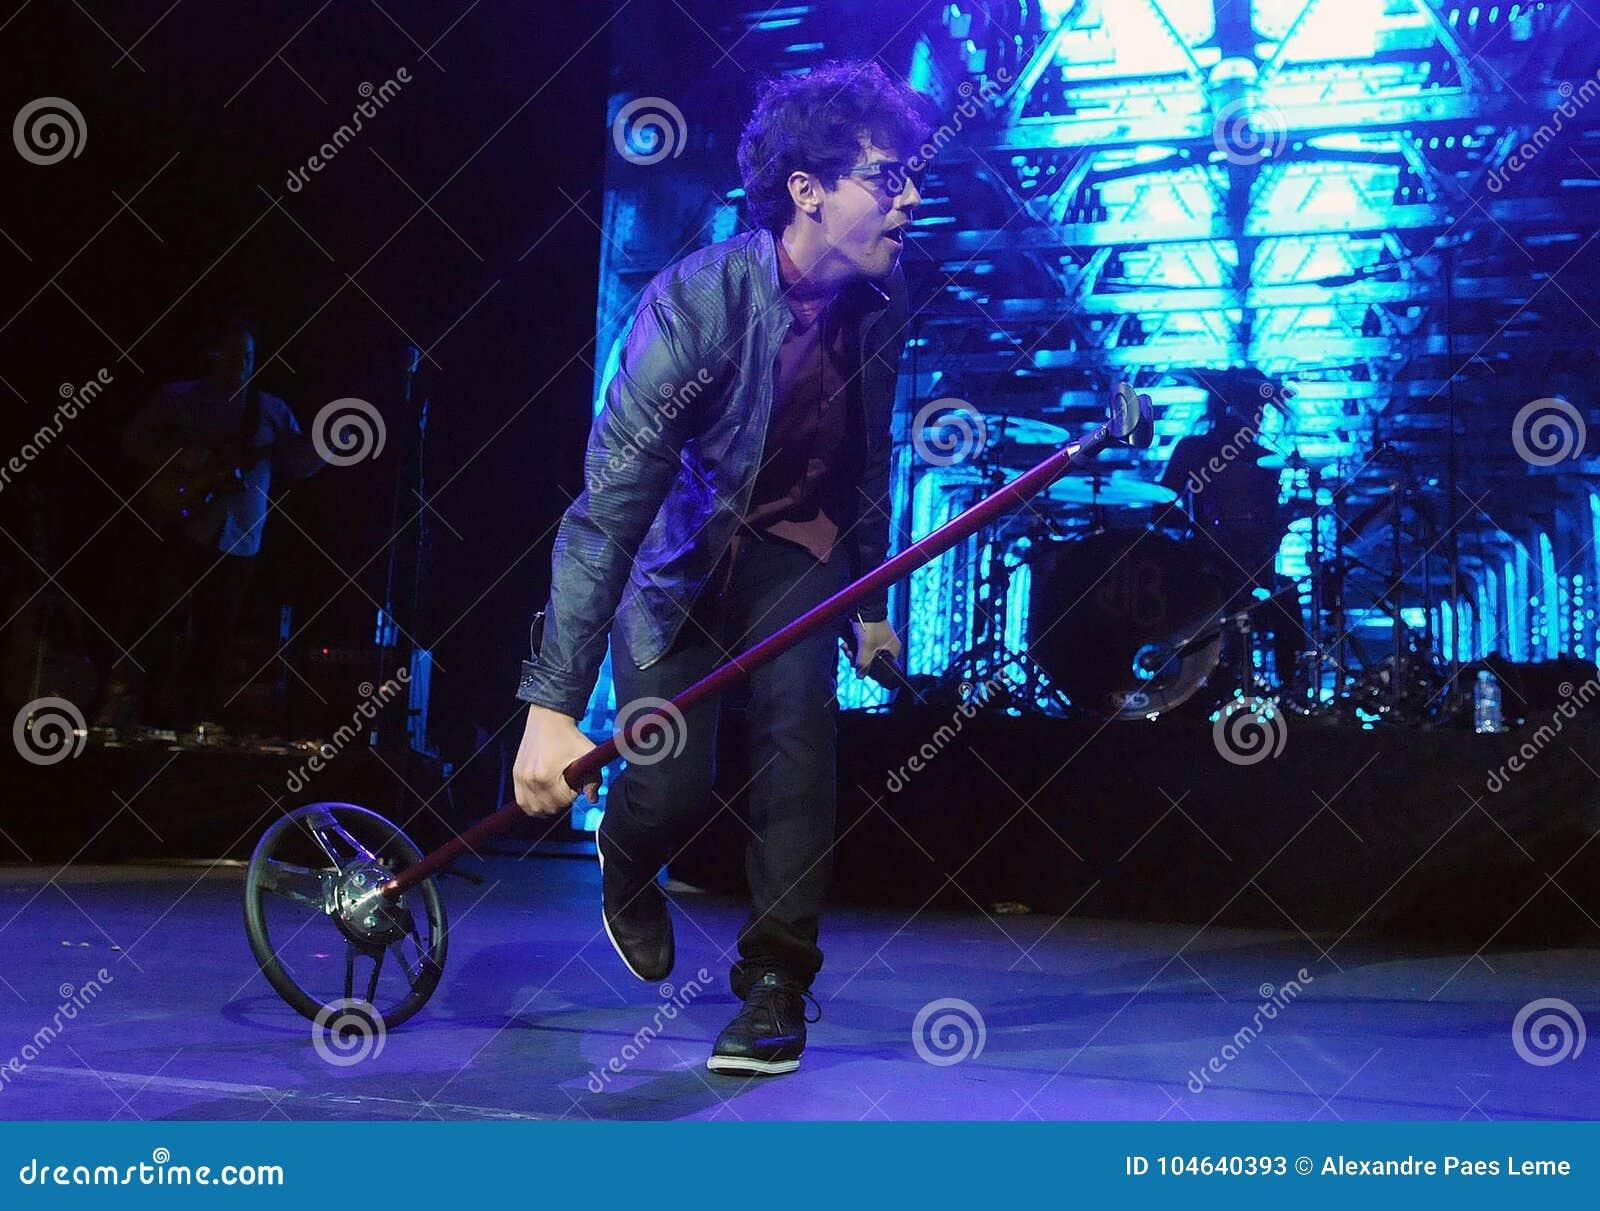 Download Jonas Brothers redactionele stock foto. Afbeelding bestaande uit singer - 104640393